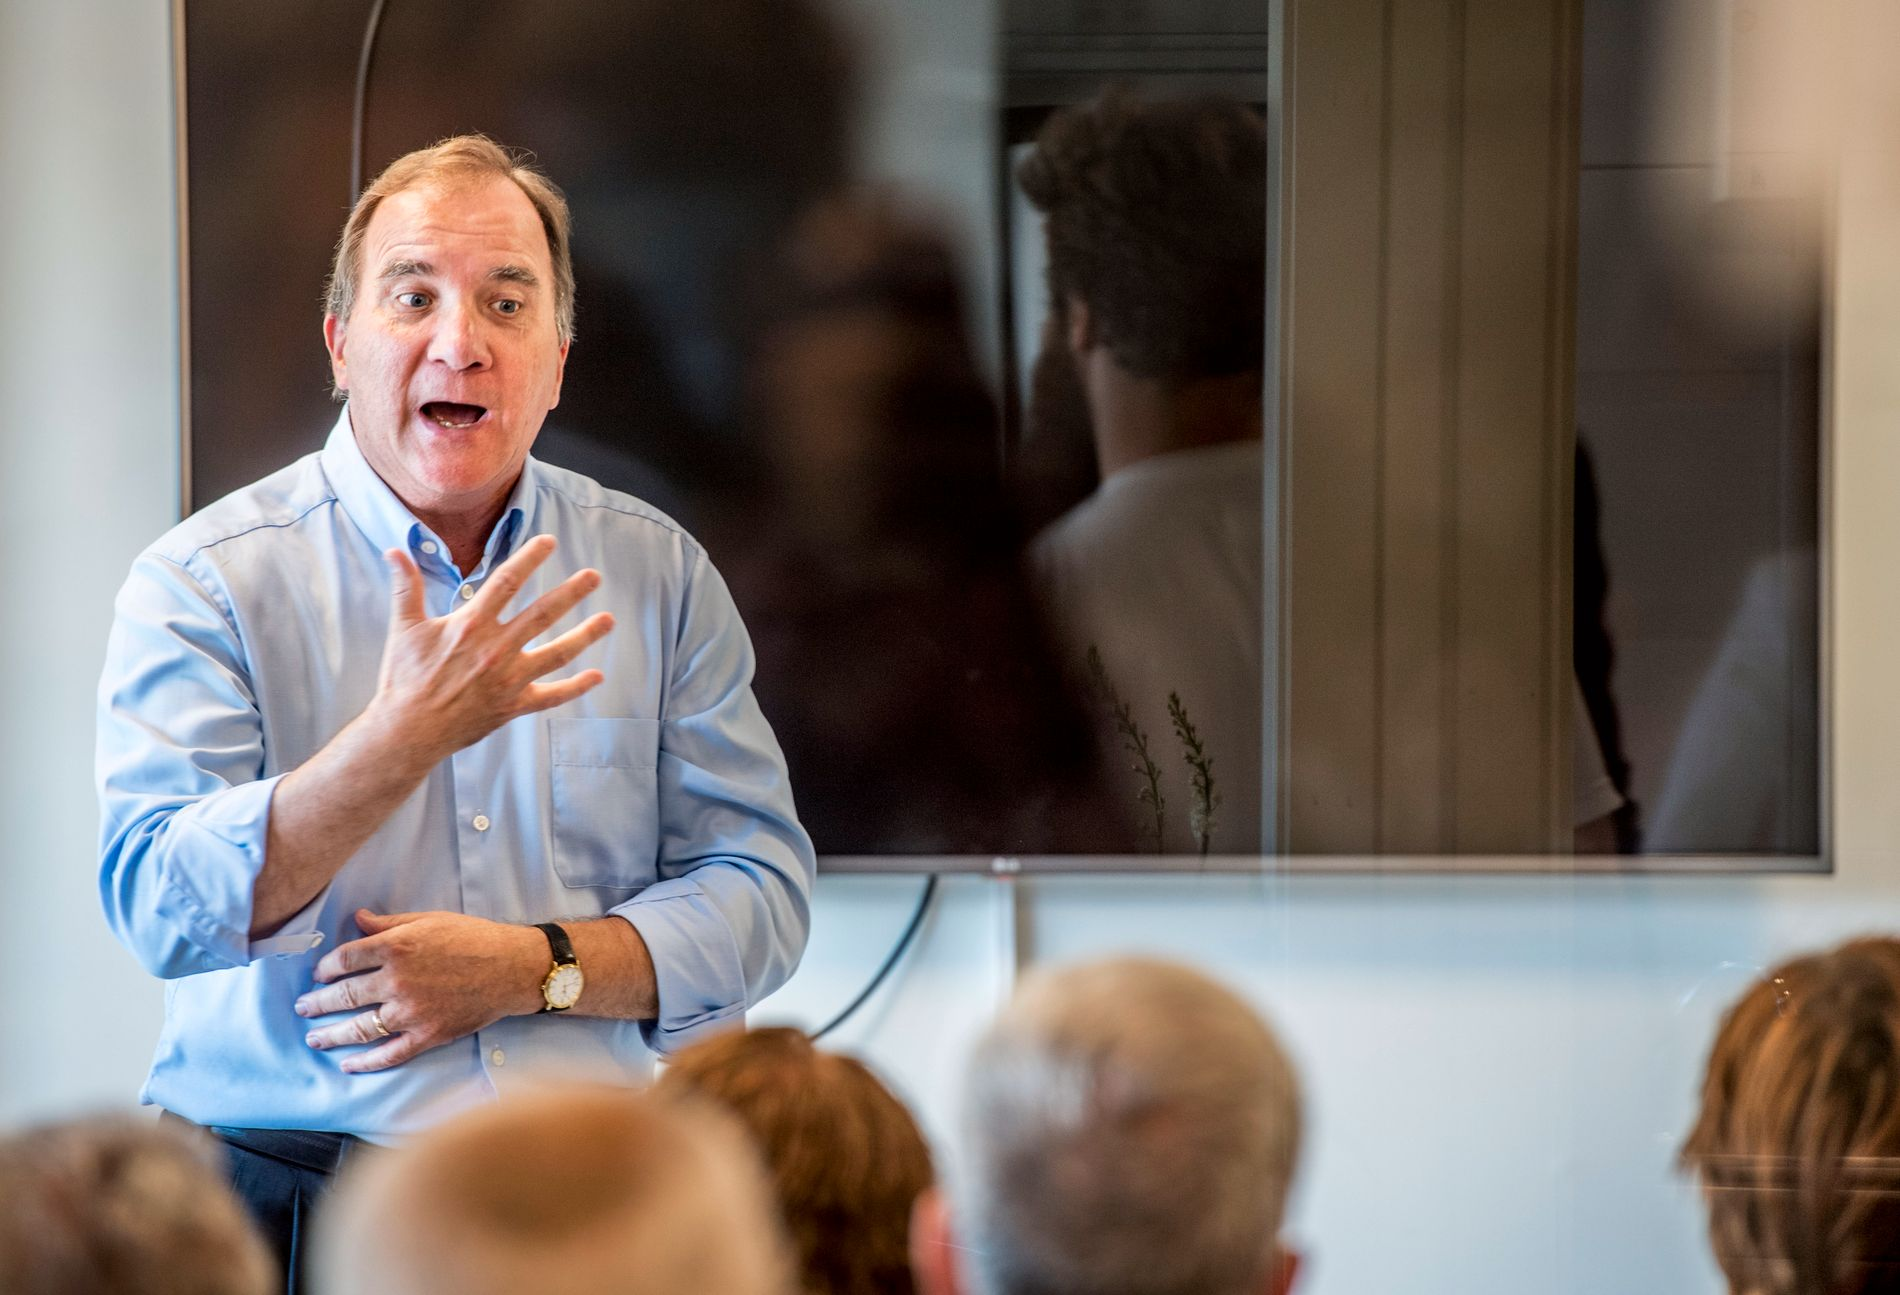 STATSMINISTER: Dagens statsminister, Socialdemokraternas leder Stefan Löfven, kan bli sittende i et forretningsministerium etter valget.